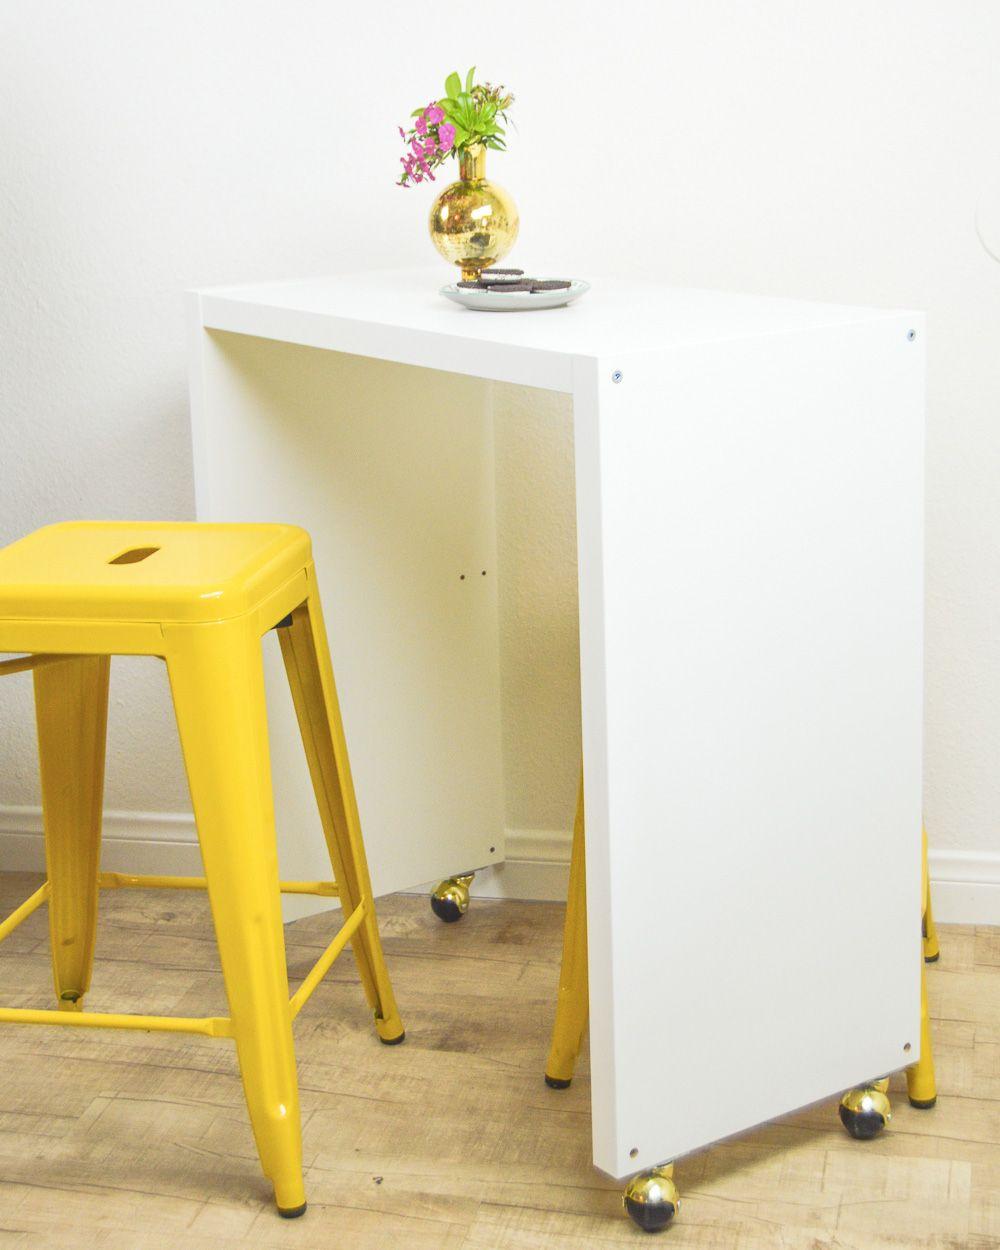 Petit Meuble Roulettes Ikea cette table haute a été réalisée avec un meuble ikea de la